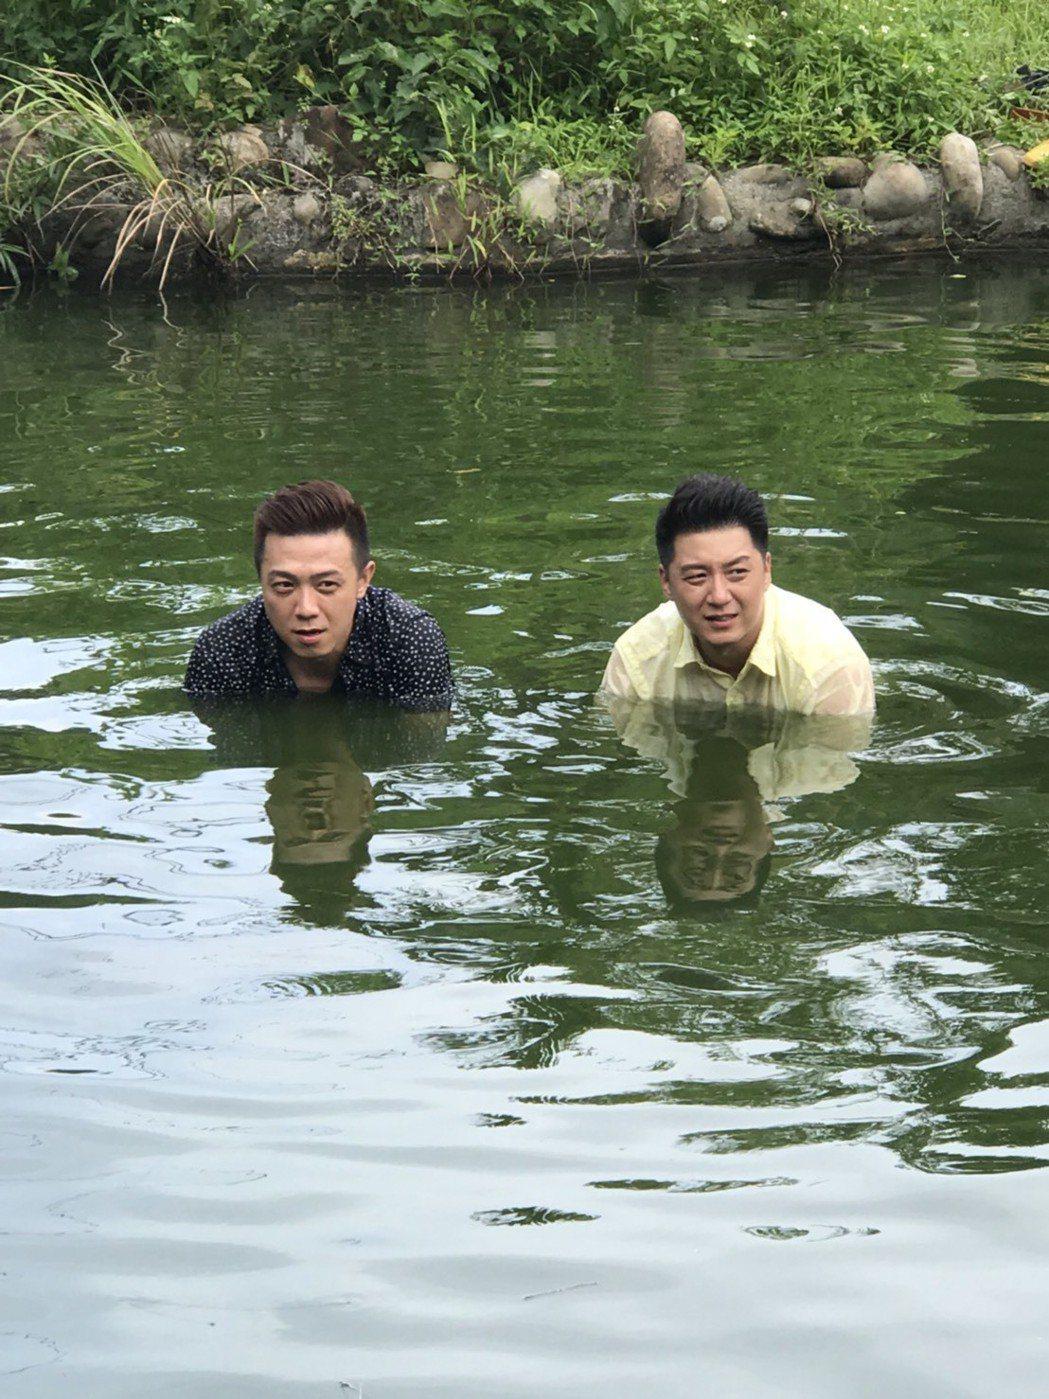 錦德(左)與曹景俊泡臭池塘。圖/台視提供